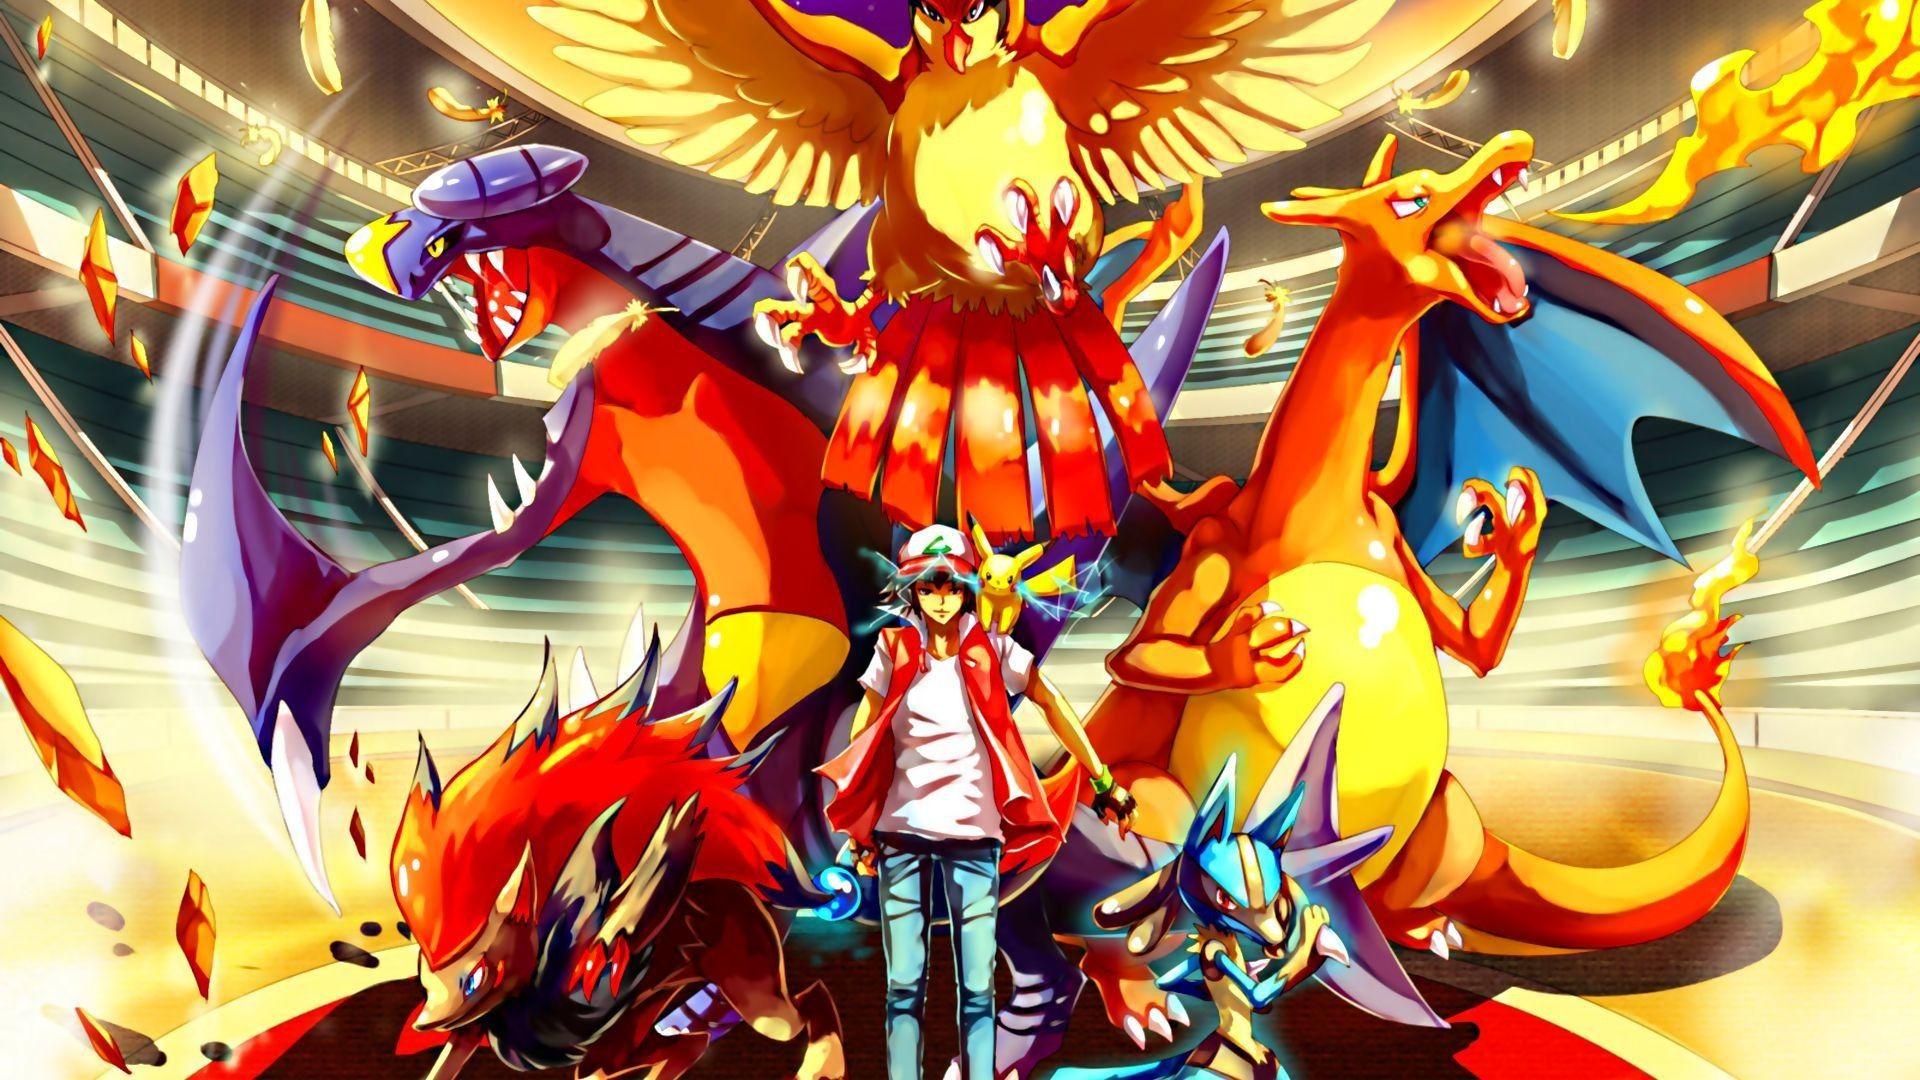 Res 1920x1080 Pokemon Wallpaper All Legendary 3d 379334